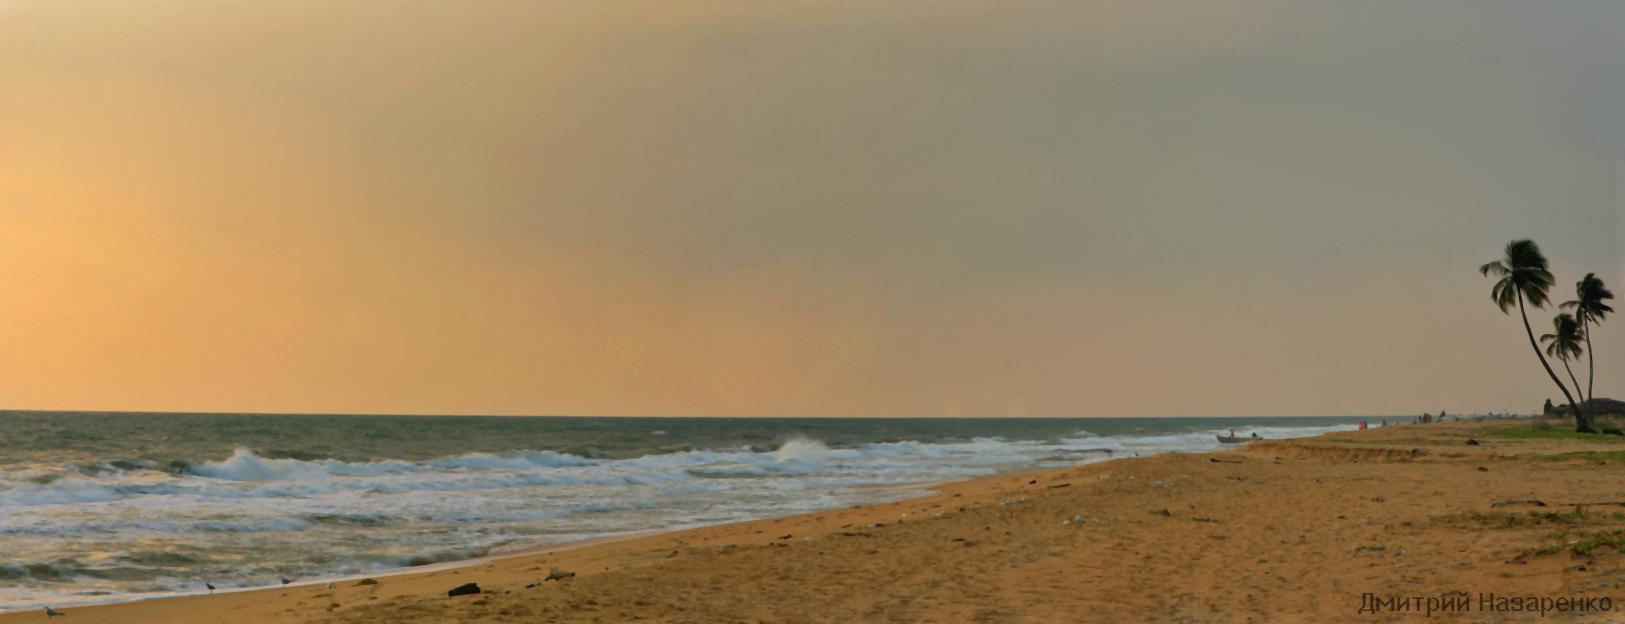 муллайтиву пляж